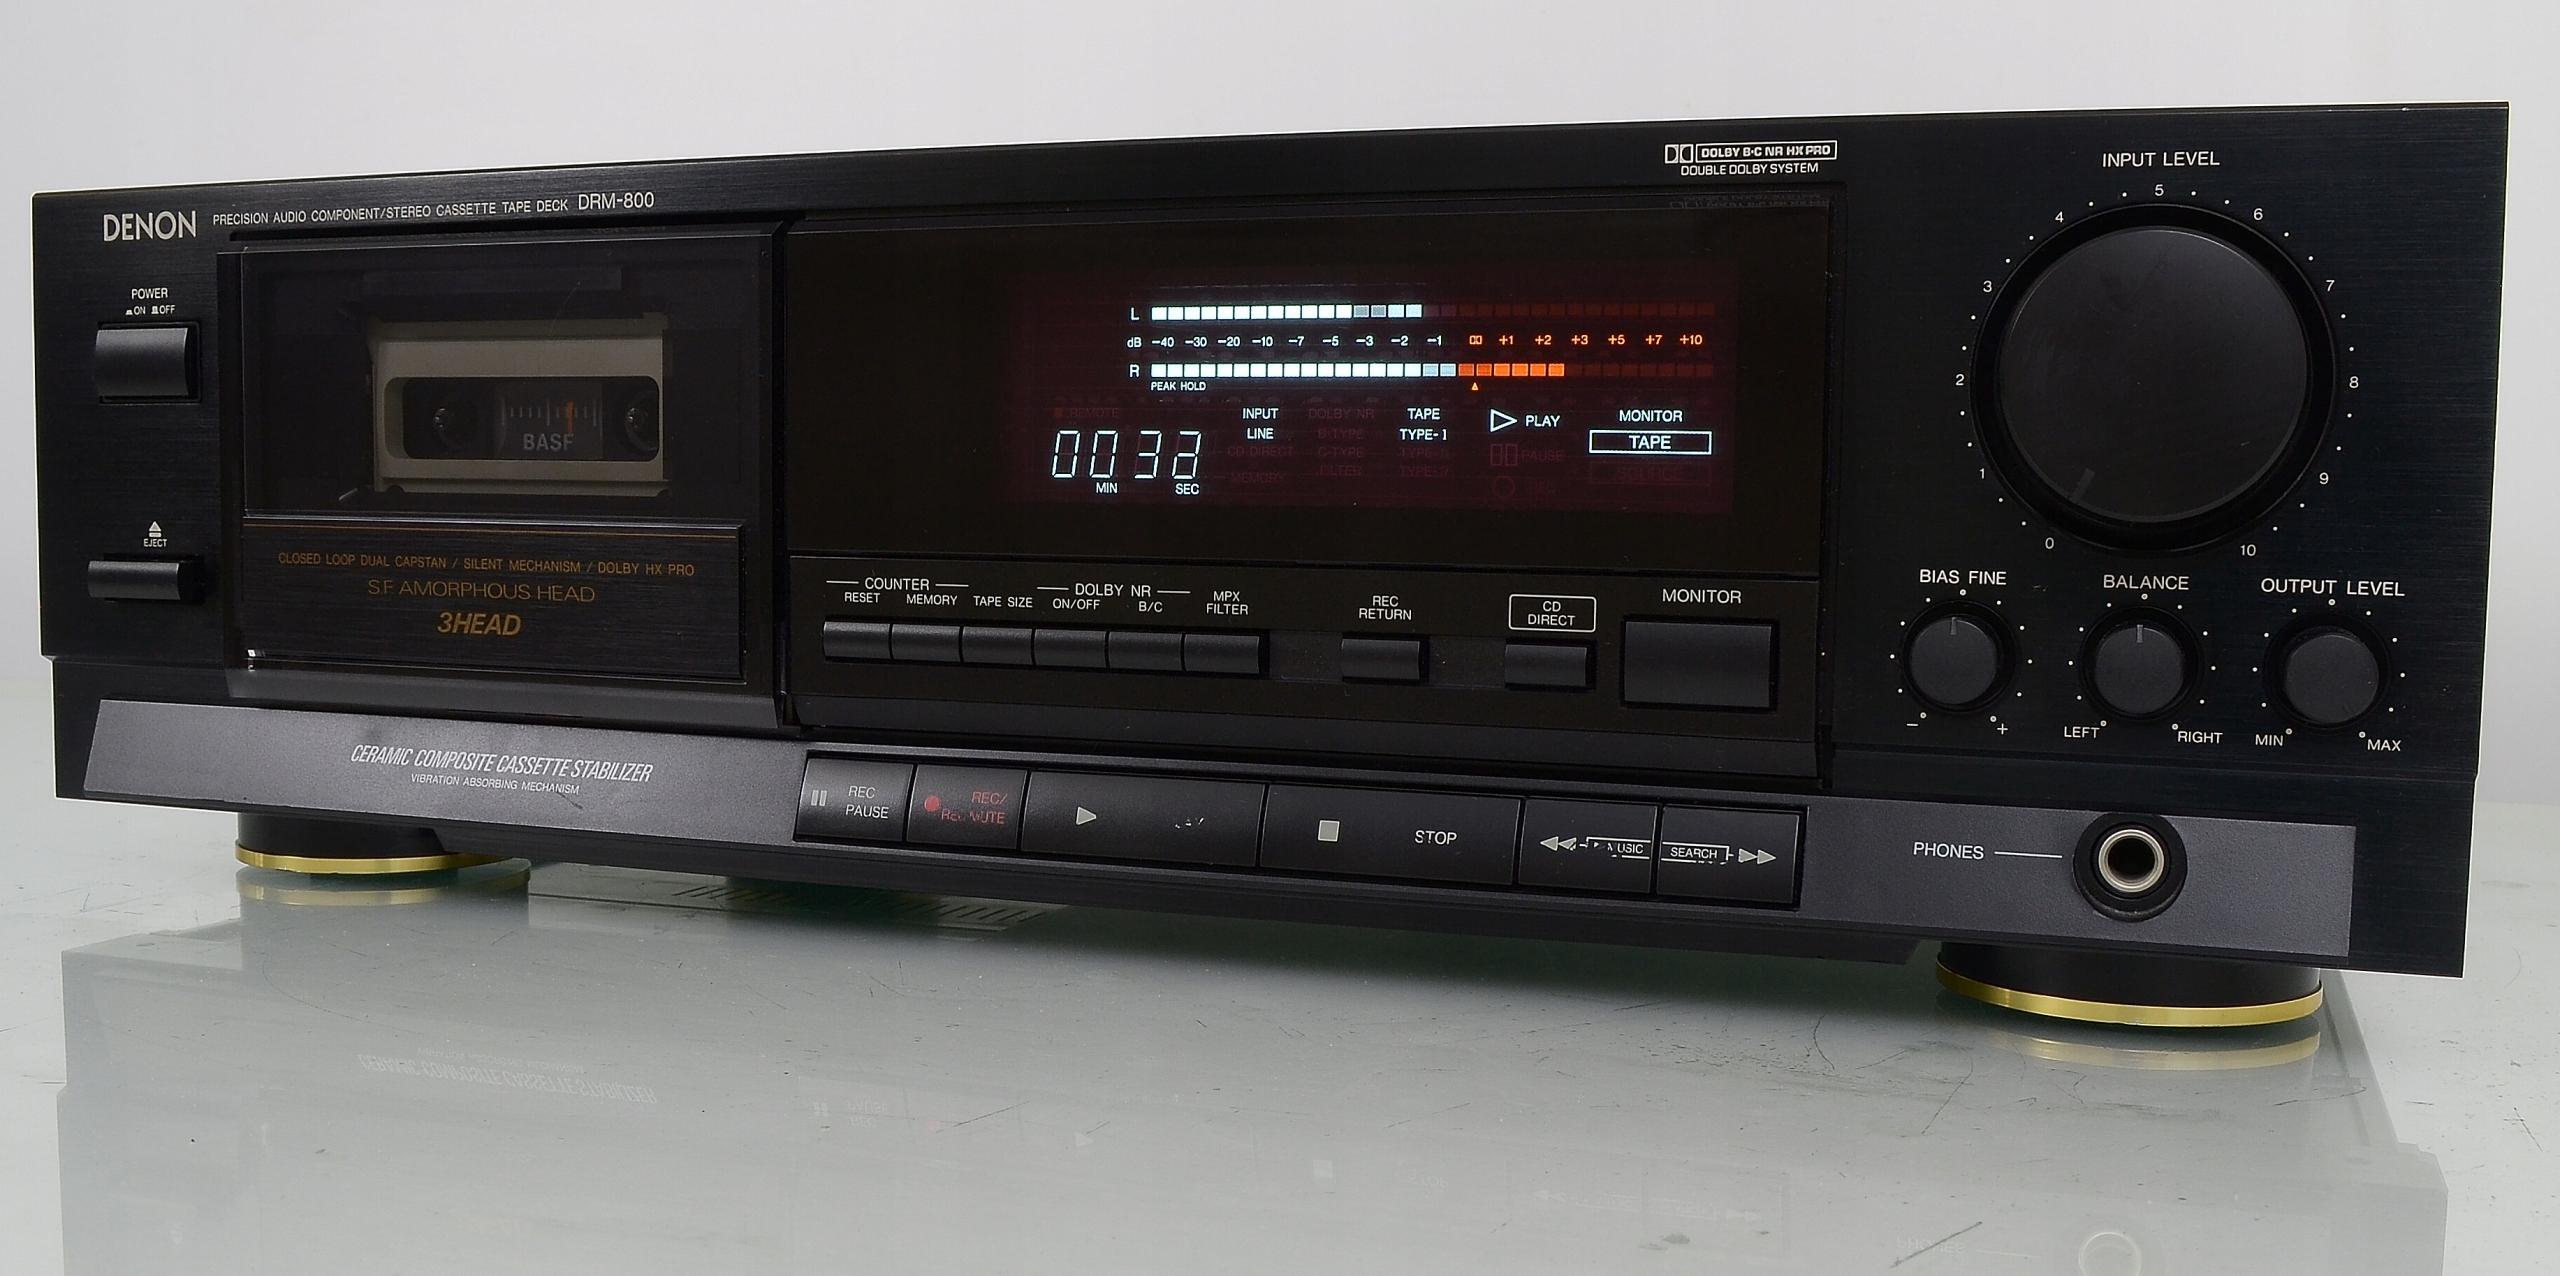 DENON DRM-800 Wysokiej klasy japoński magnetofon